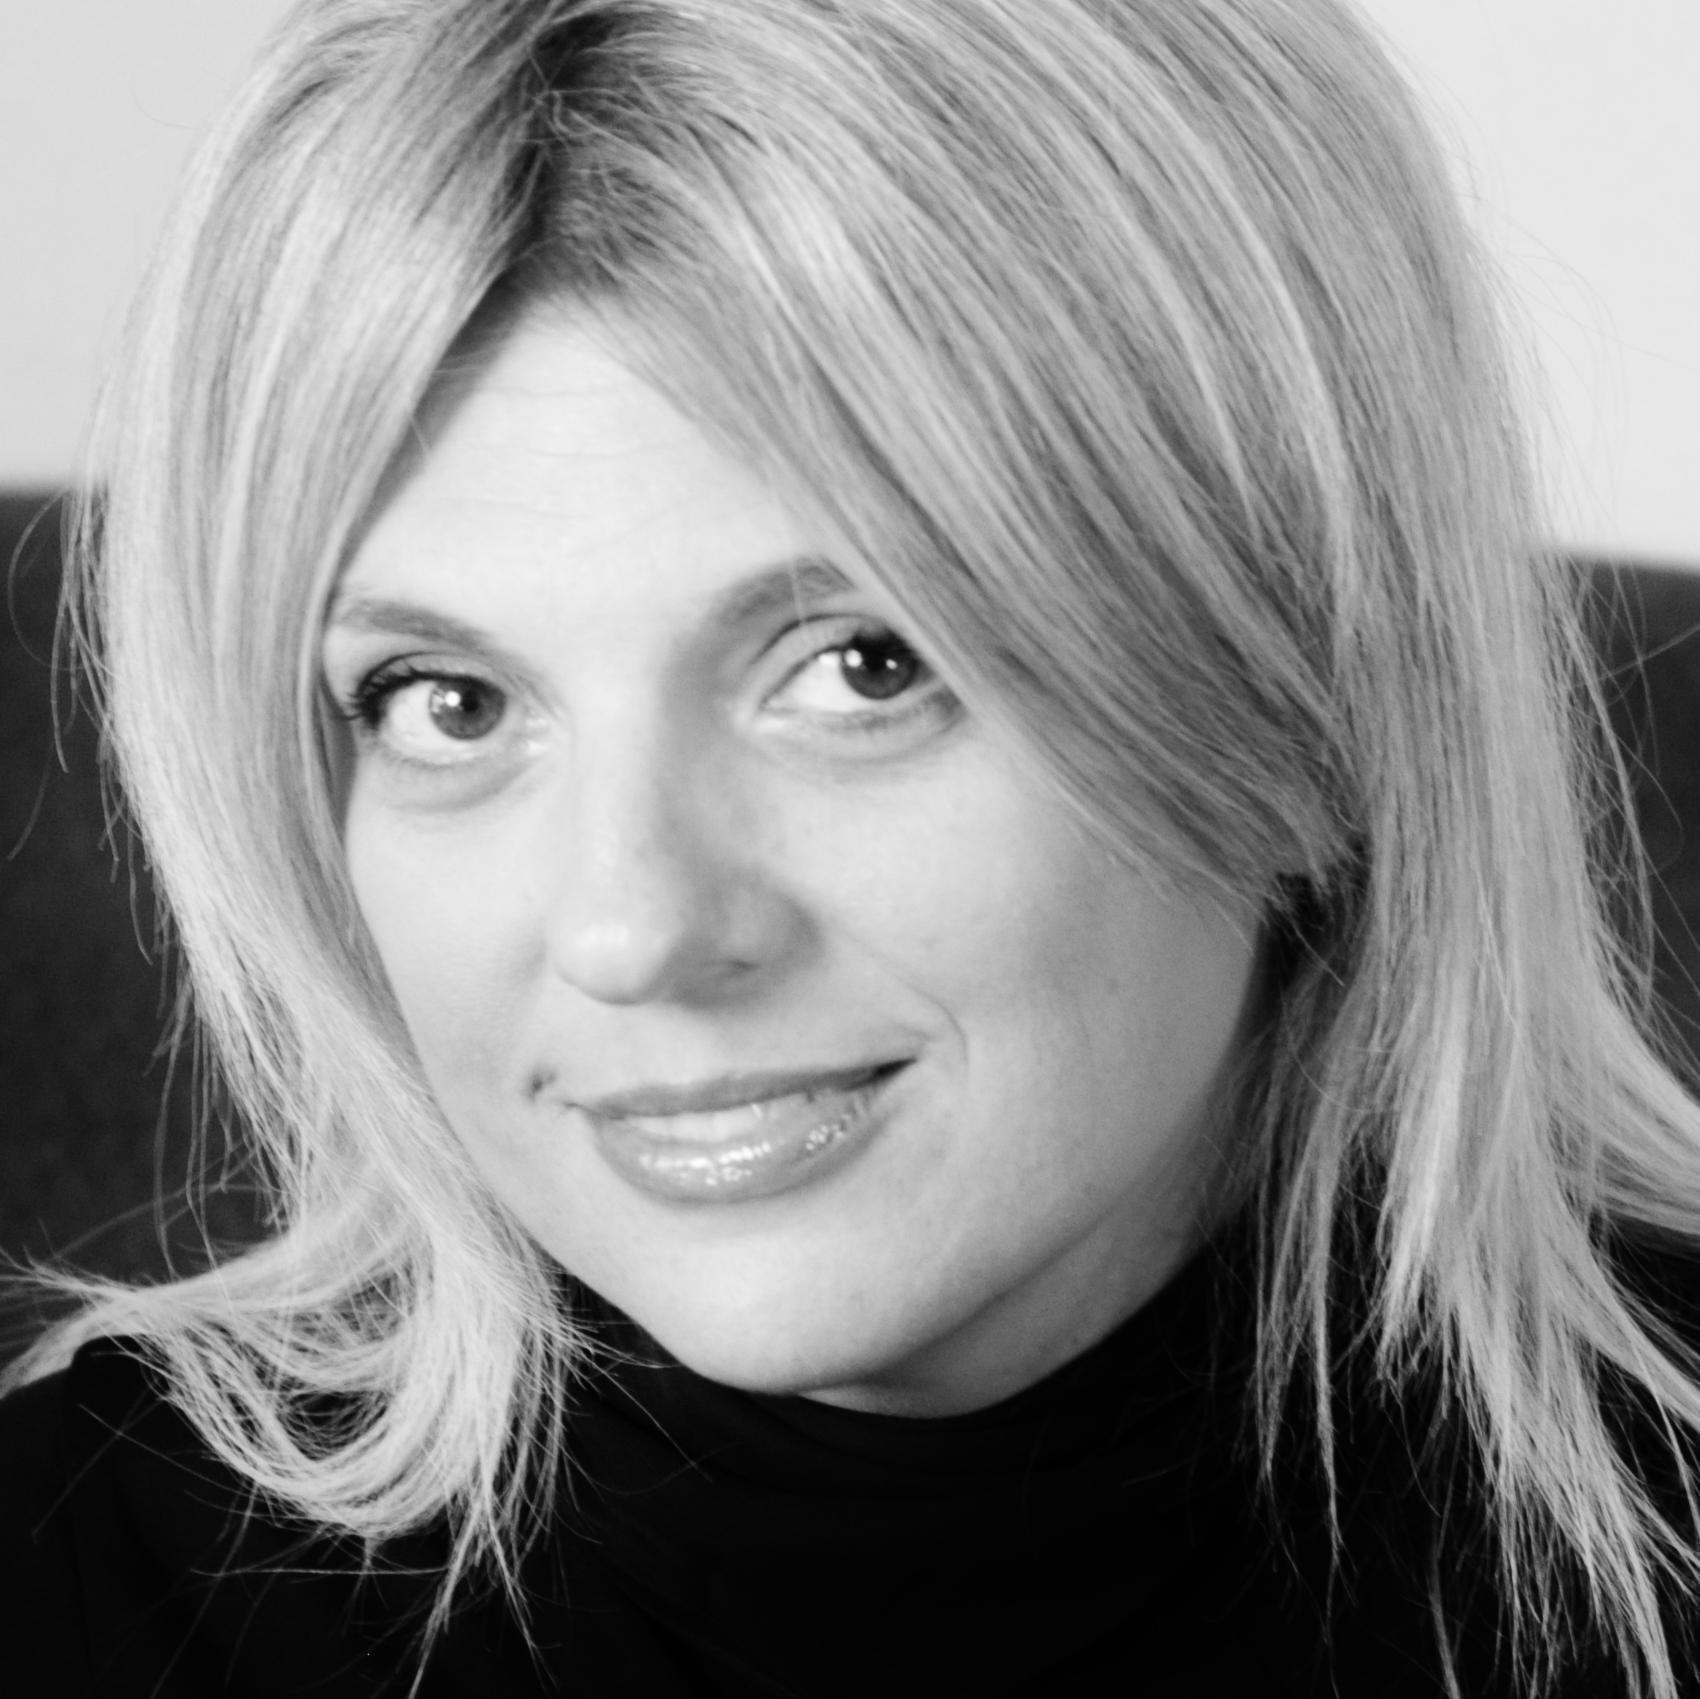 Ivana Ristic